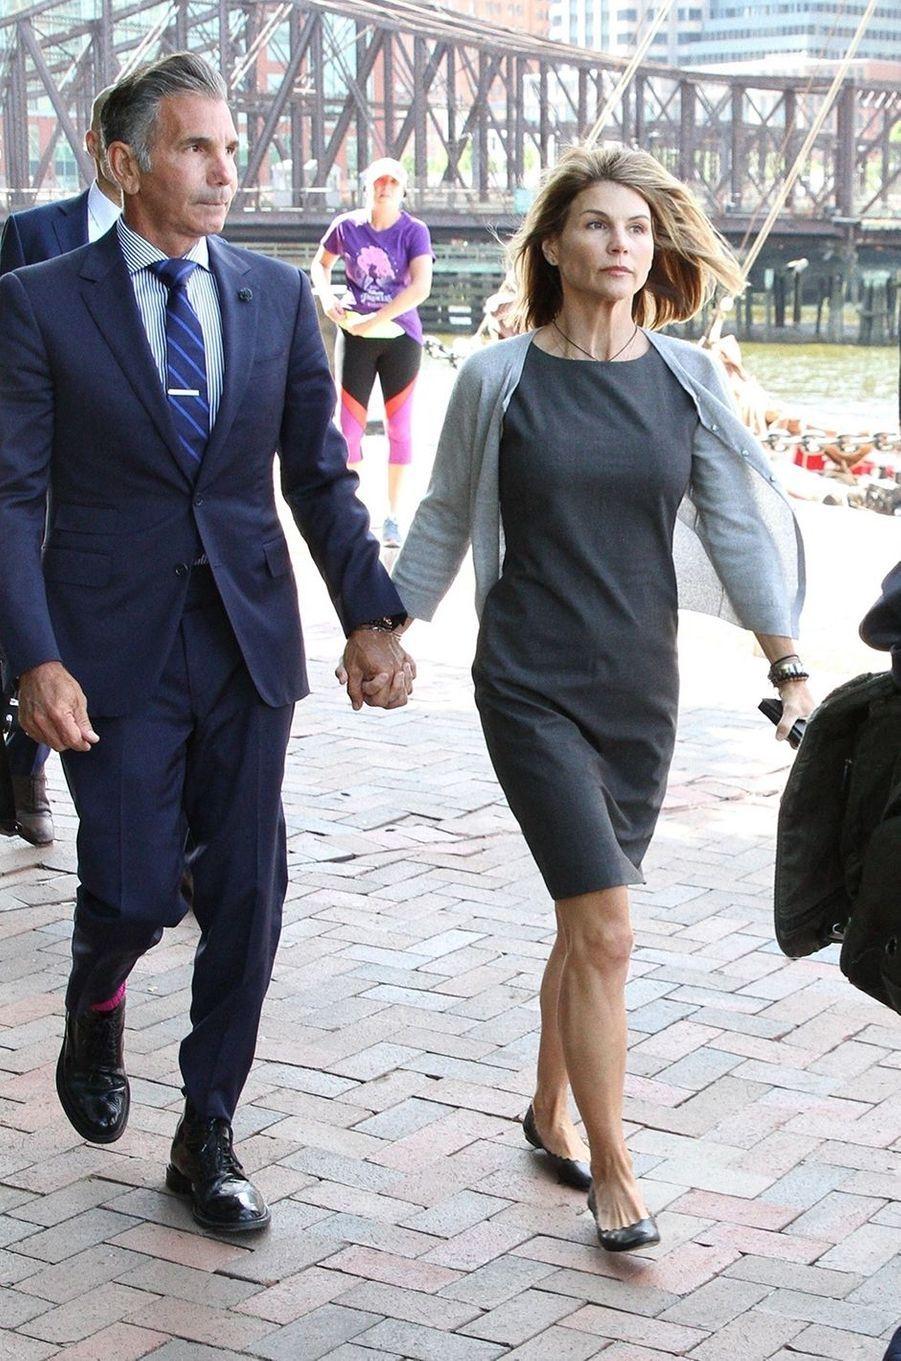 En août 2020, Lori Loughlin et son mari Mossimo Giannulli ont été respectivement condamnés à deux mois et cinq mois de prison pour avoir versé 500 000 dollars de pots-de-vin afin d'acheter l'entrée de leurs filles dans une prestigieuse université californienne. L'actrice est rentrée en prison le 30 octobre 2020 pour purger sa peine.